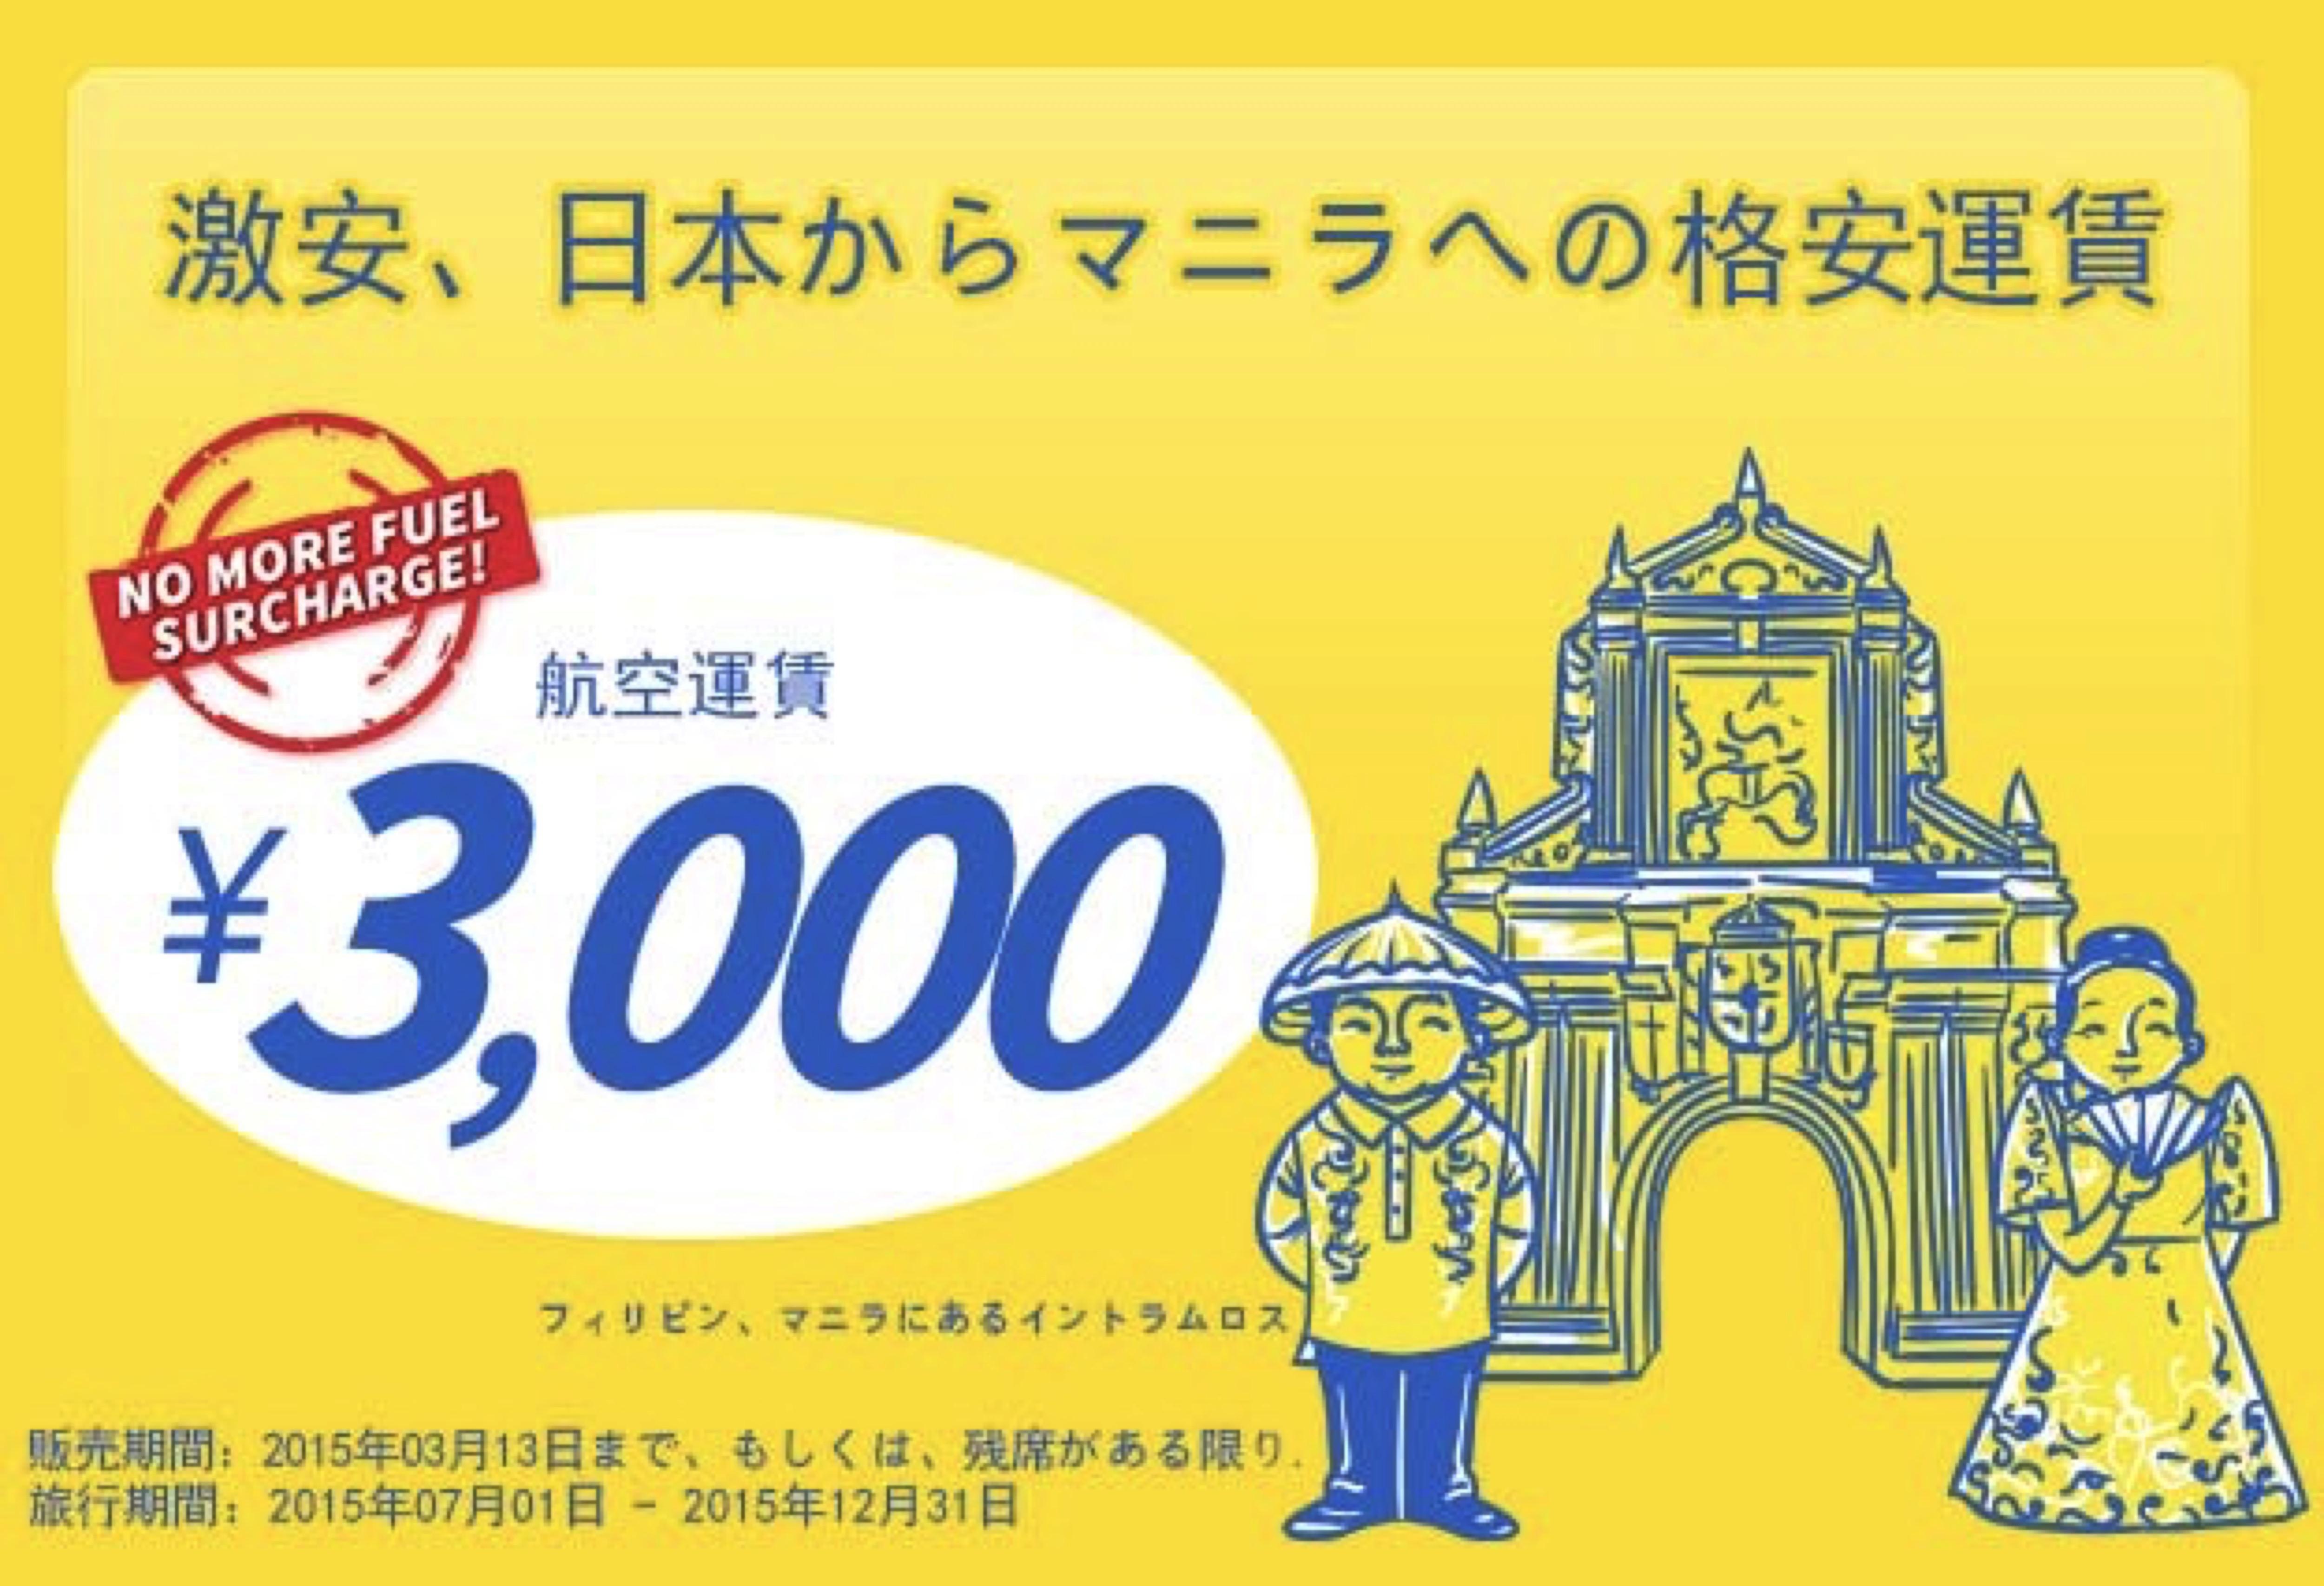 セブ・パシフィック航空、マニラ&セブ島が片道3,000円のセール!成田発セブ島は往復総額10,000円以下